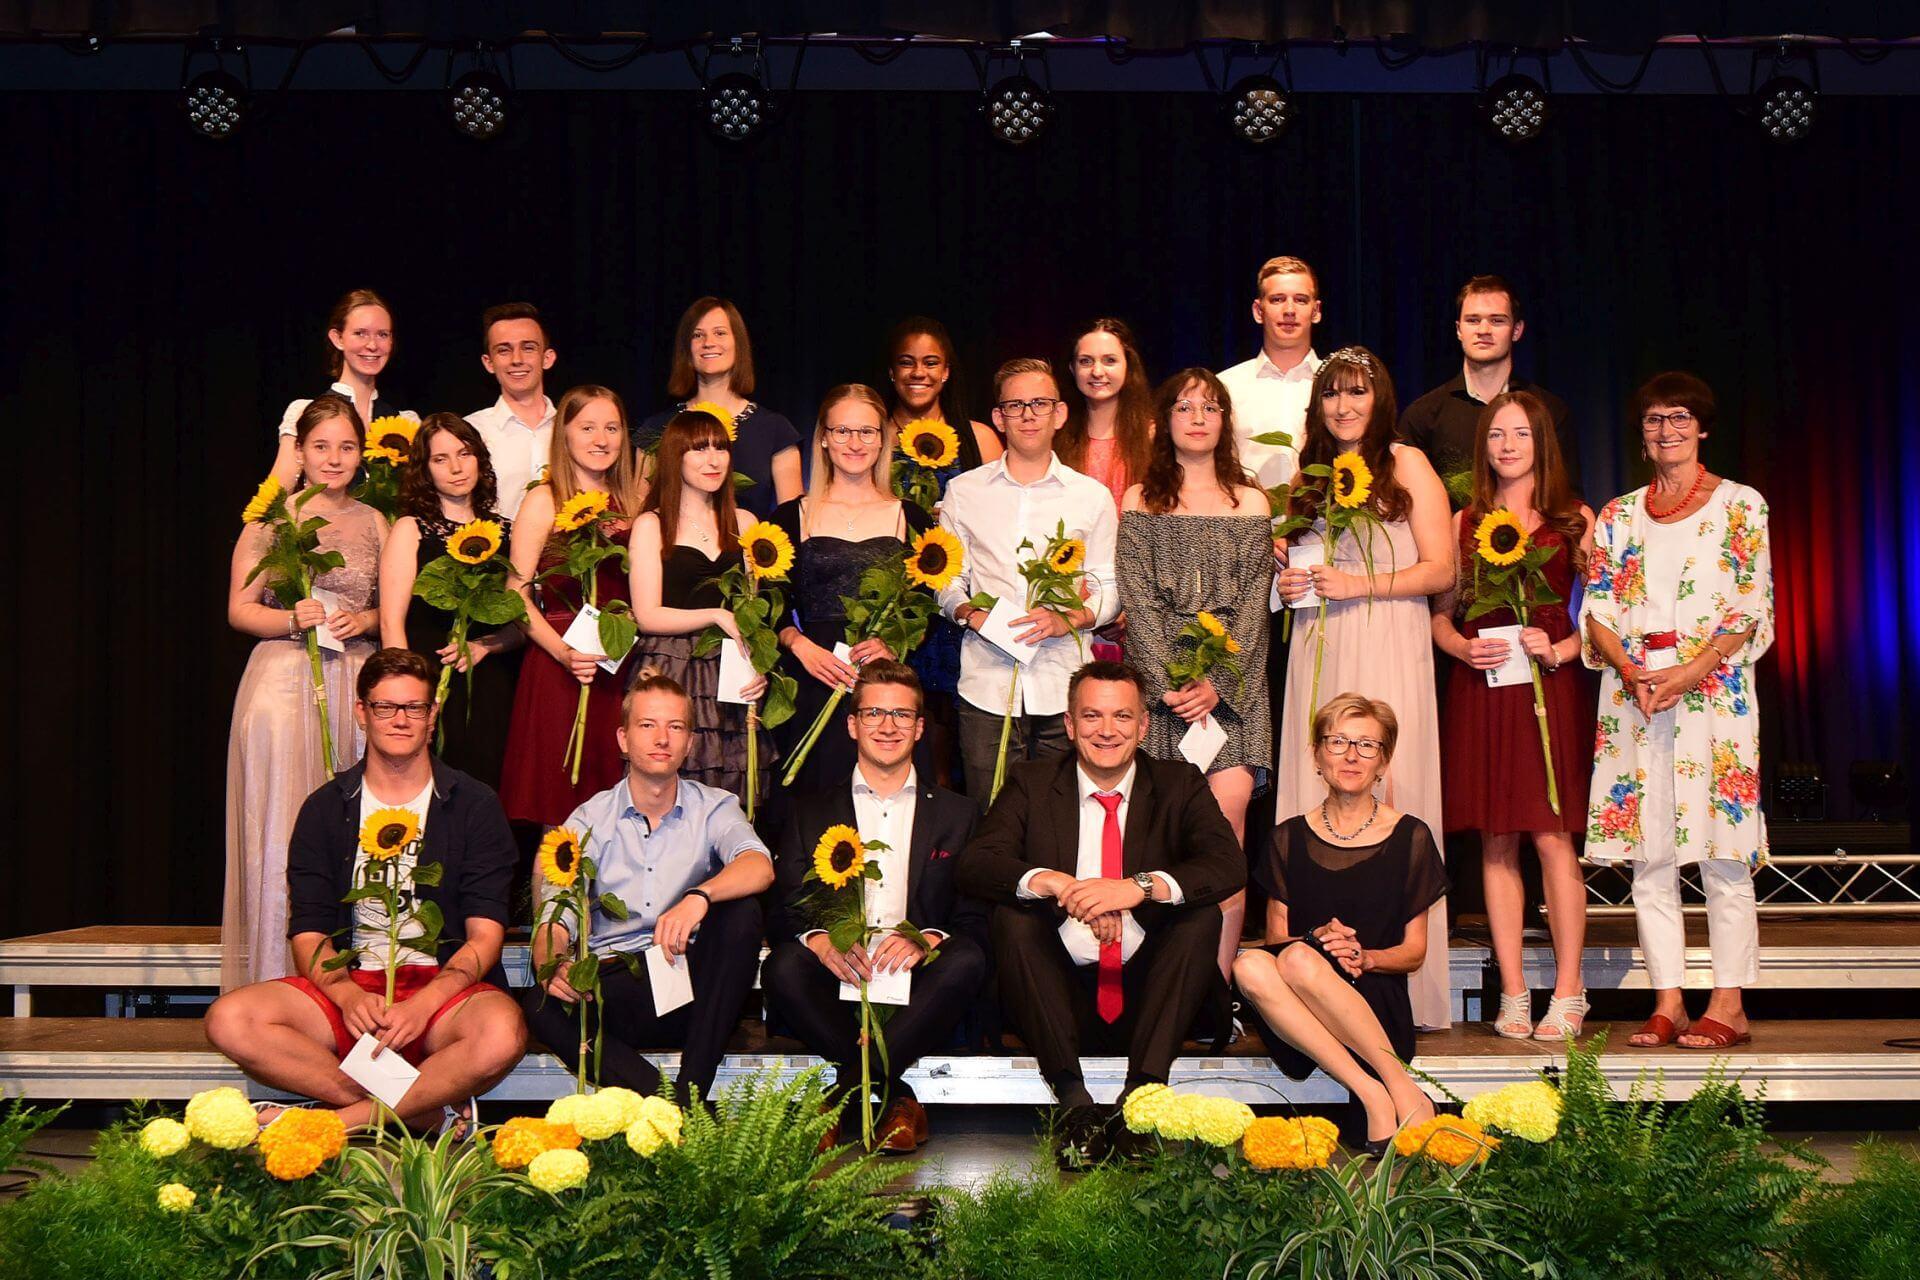 2015 07 15 Abitur2019 GruppeFOSBOS Content2